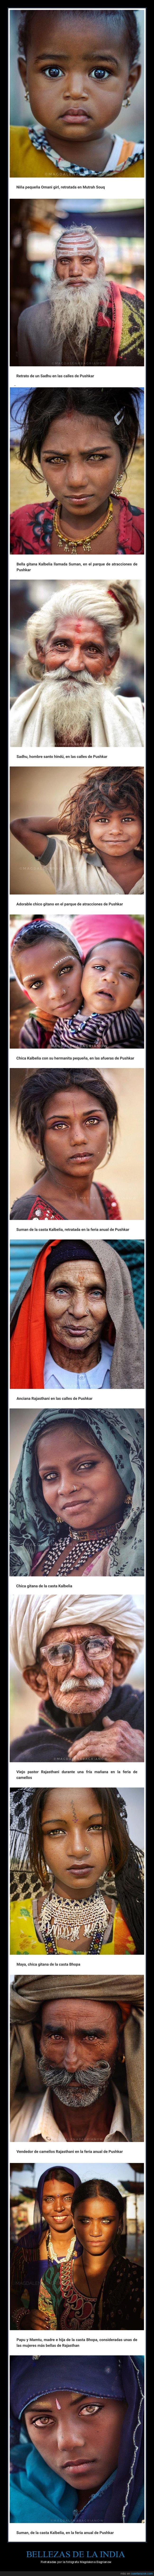 belleza,fotografía,india,magdalena bagrianow